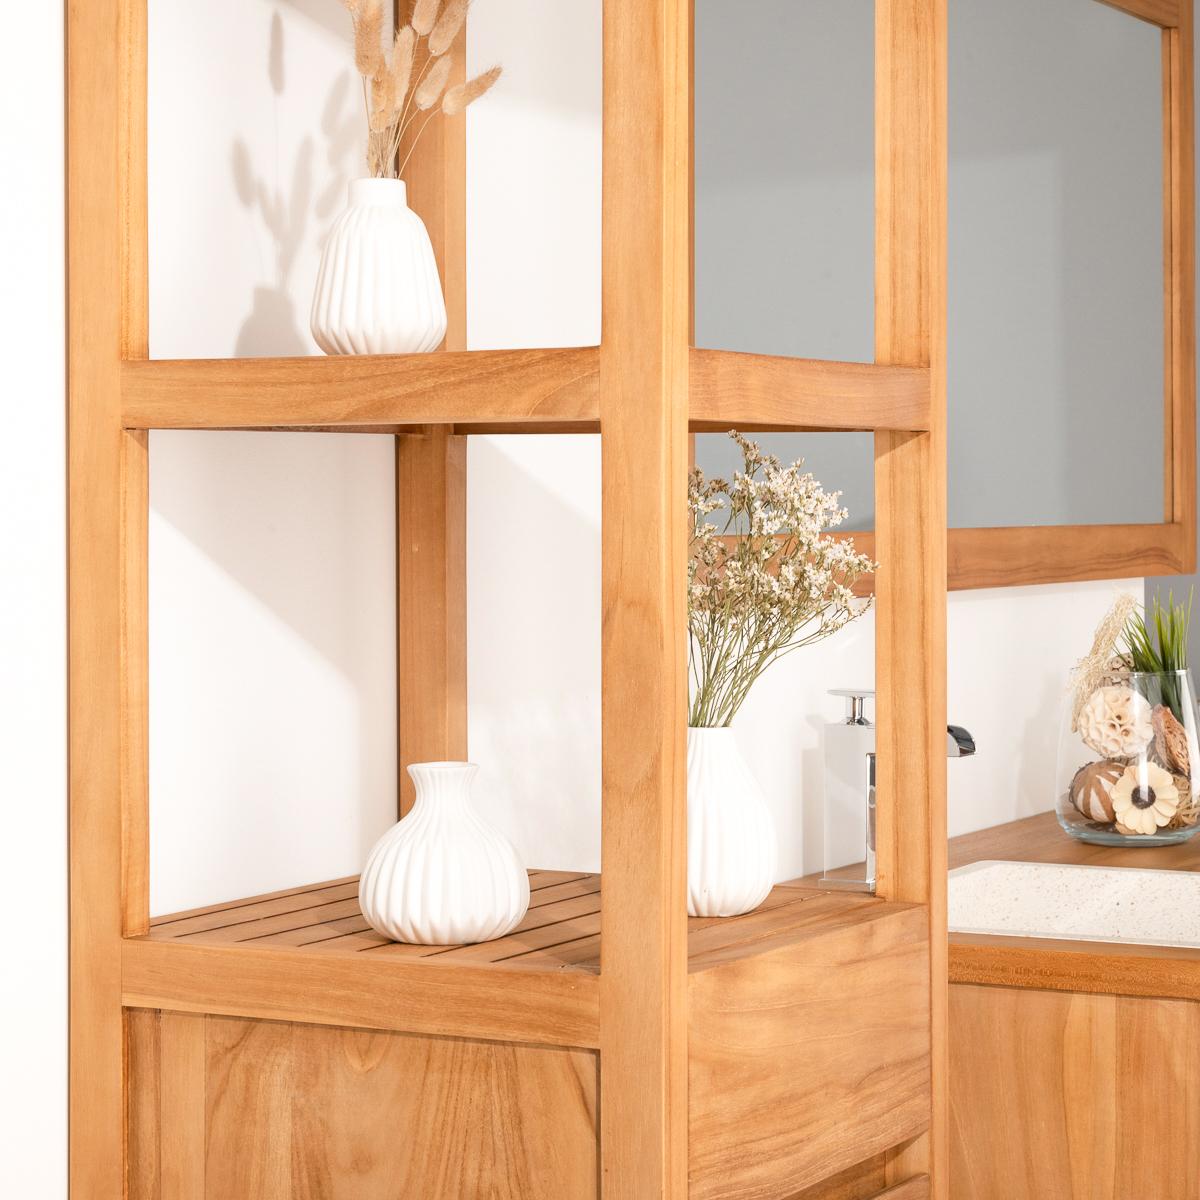 Colonne de rangement en bois teck massif nordique - Colonne salle de bain en bois ...